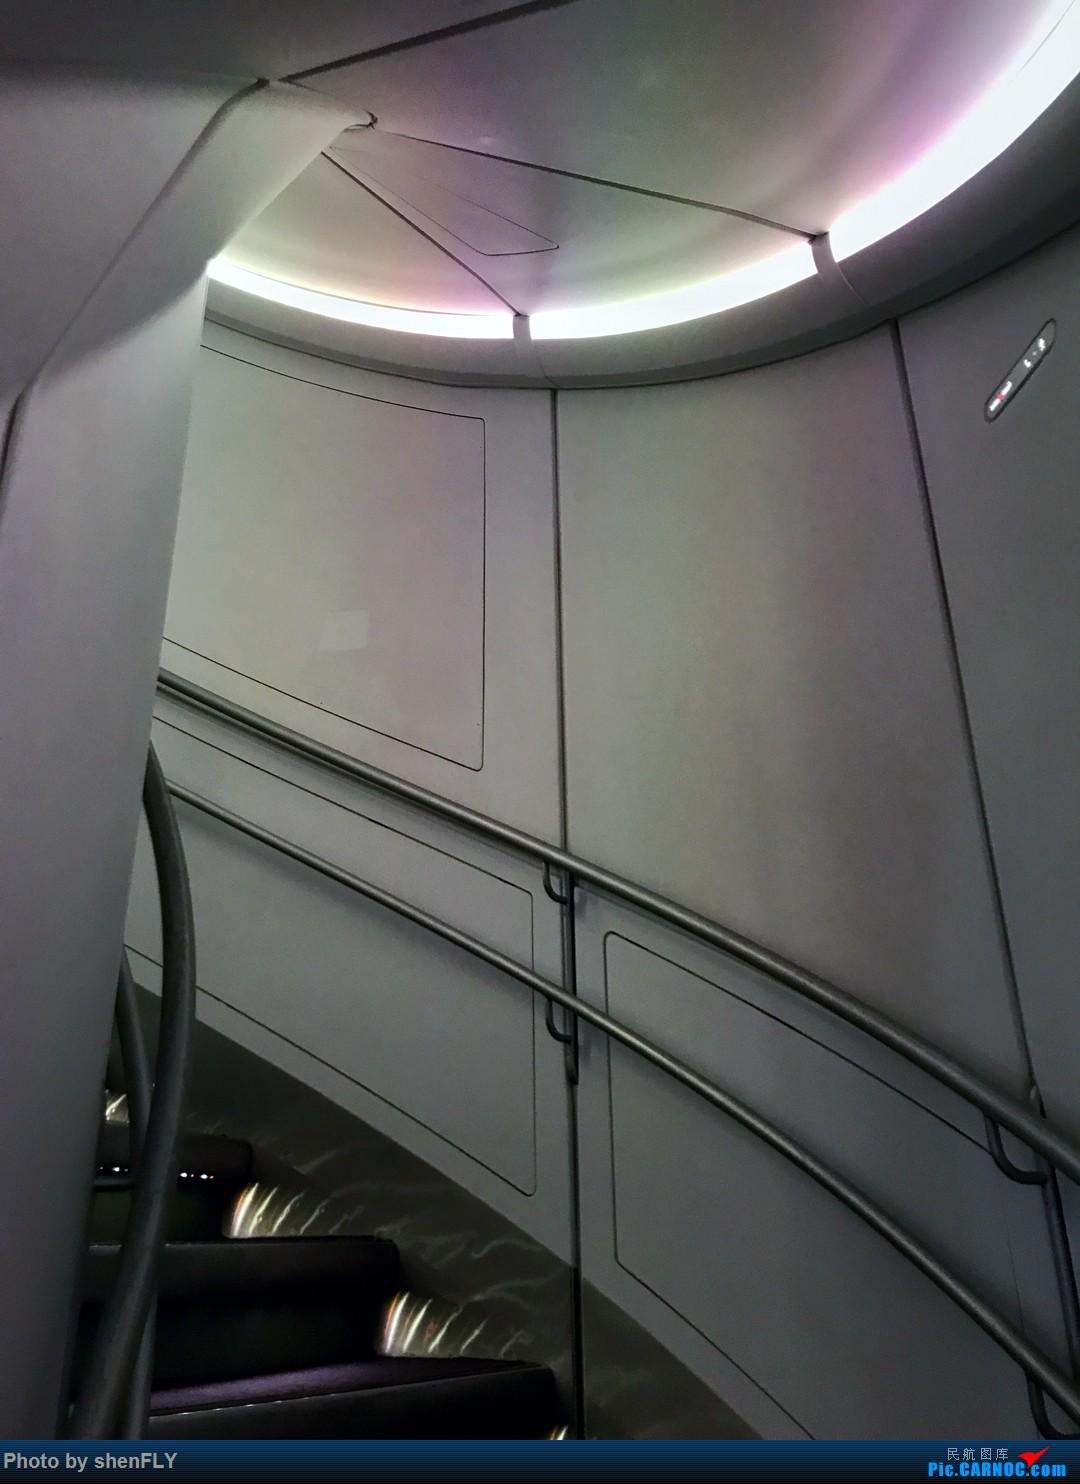 Re:[原创]***【南航A380】CZ3000 PEK-CAN 明星航班的超凡体验回忆 *** AIRBUS A380 B-6136 中国北京首都国际机场